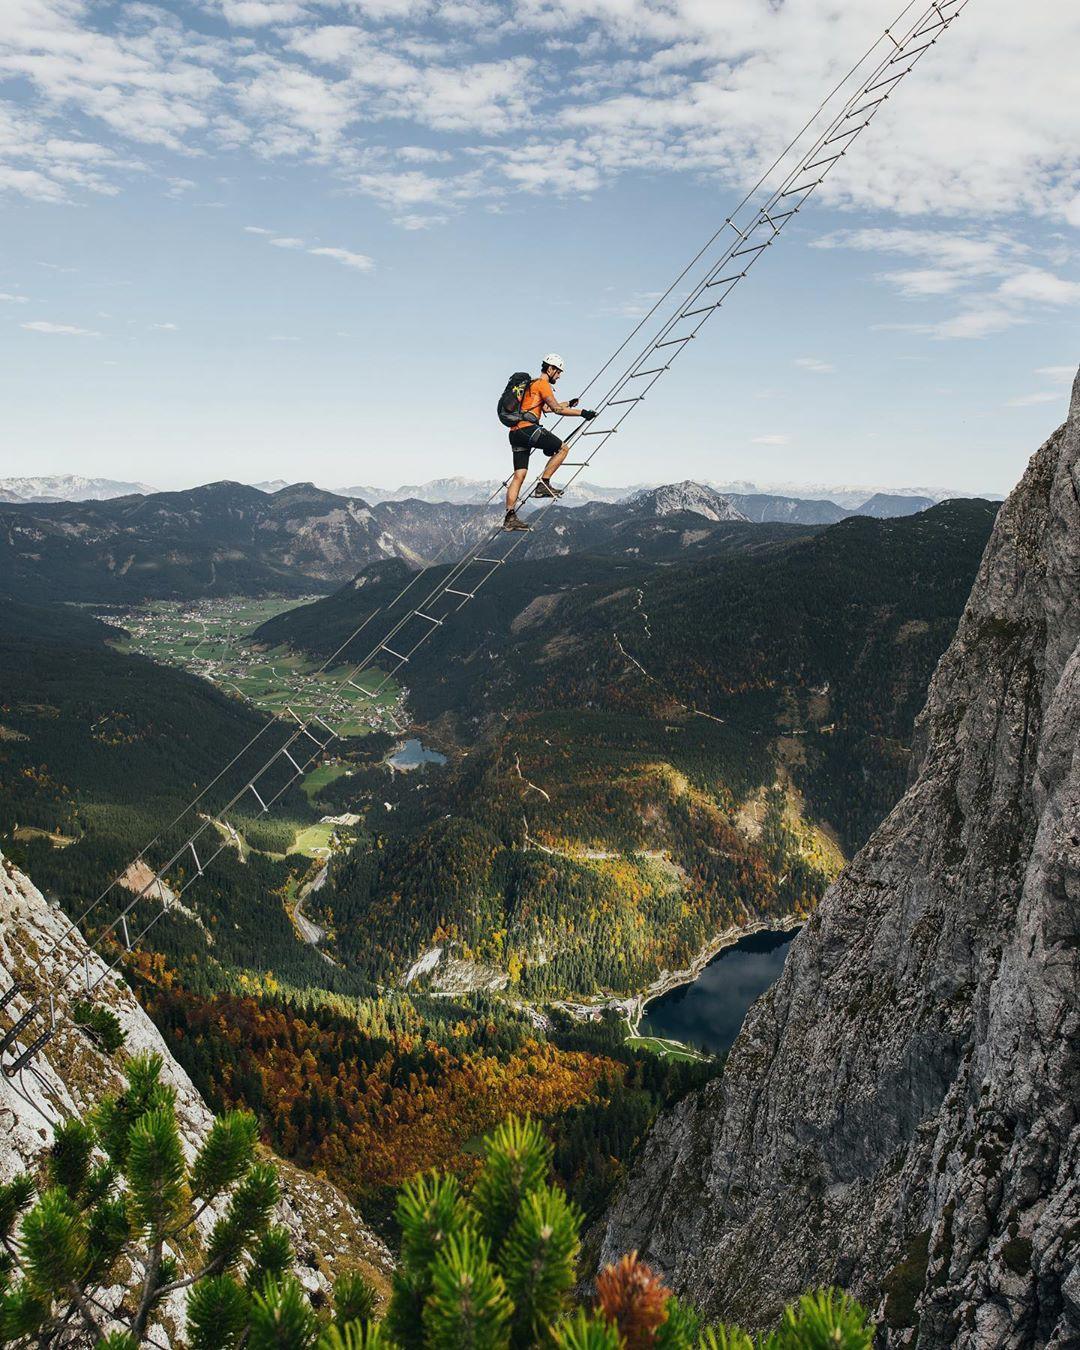 Đoạn clip chinh phục nấc thang lên thiên đường ở Áo khiến dân tình rụng rời chân tay, thu về cả chục triệu view chỉ sau vài ngày - Ảnh 3.